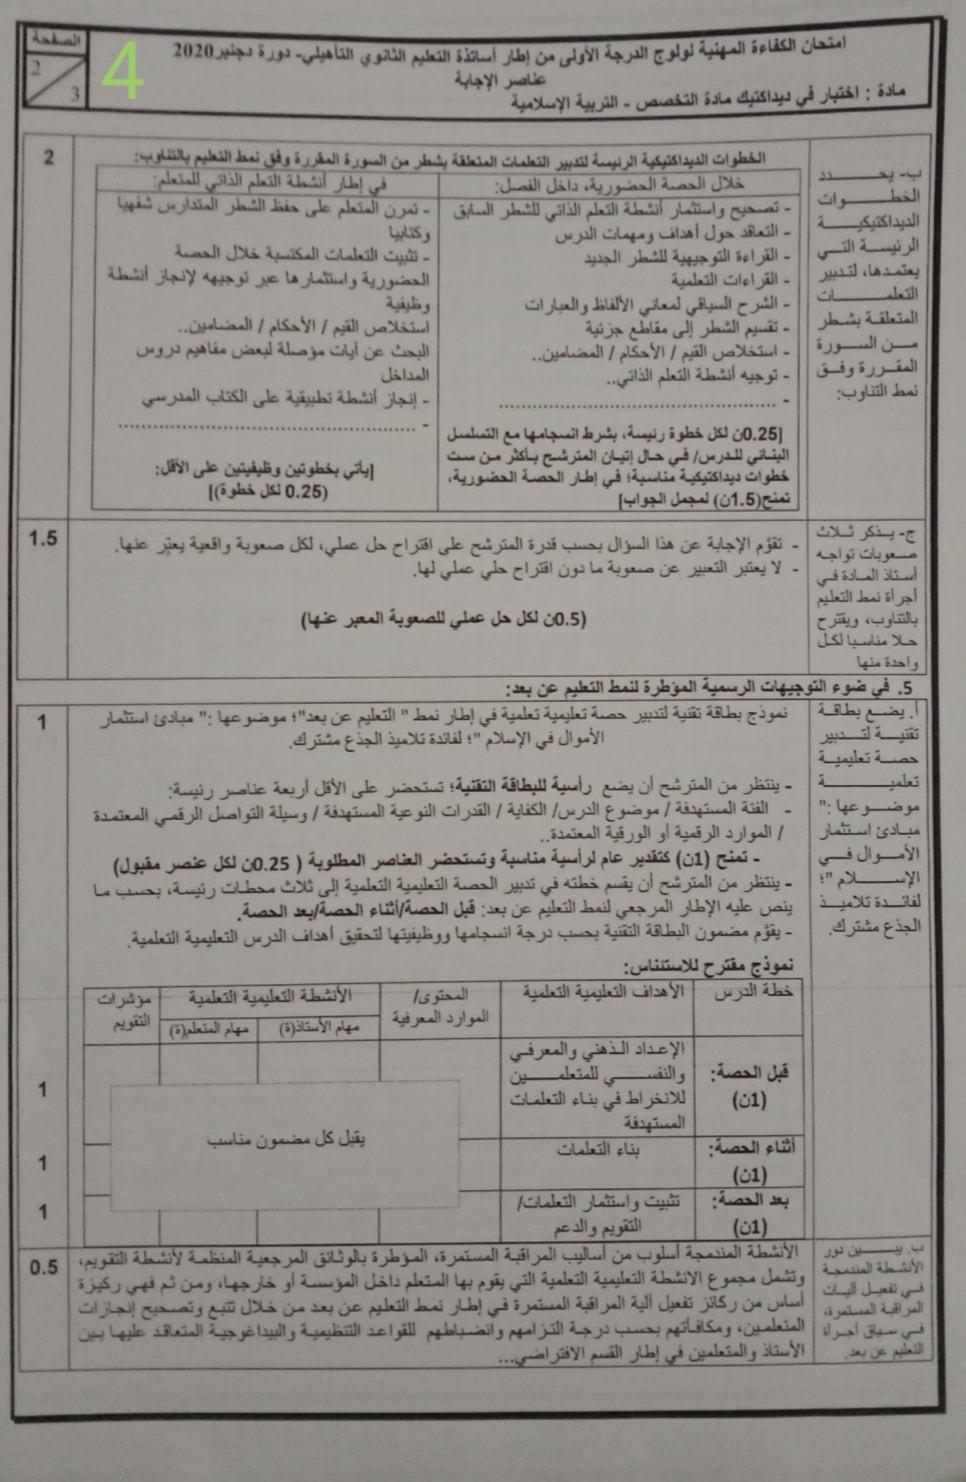 امتحان وعناصر الاجابة الكفاءة المهنية الثانوي التأهيلي تخصص التربية الإسلامية دورة دجنبر 2020